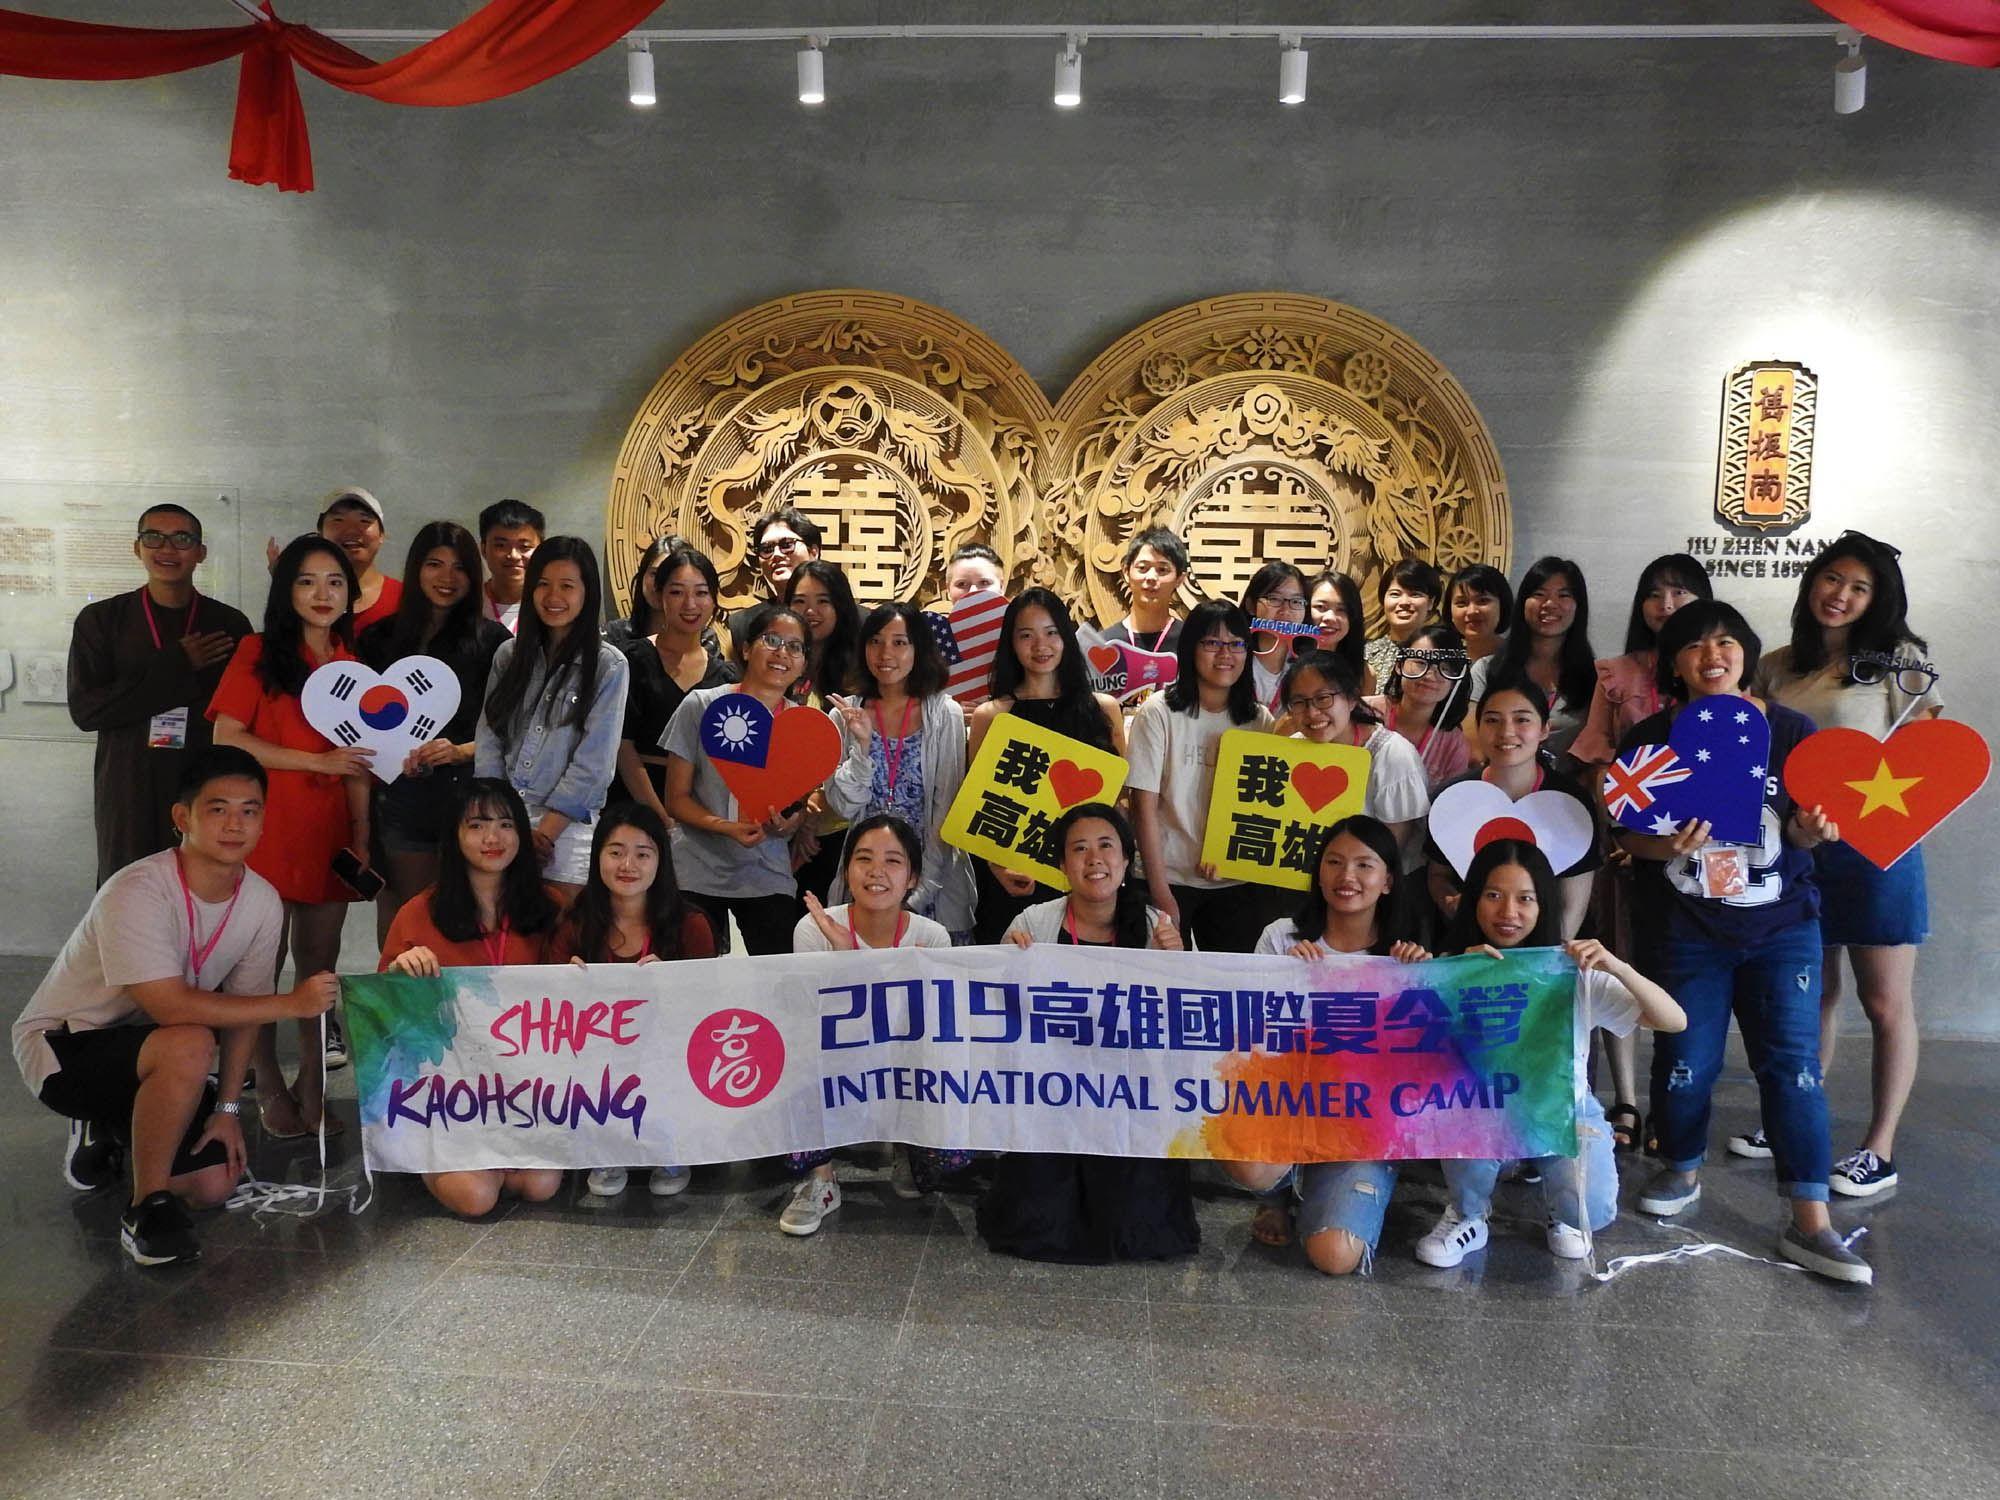 學生們參訪舊振南漢餅文化館並進行綠豆椪動手做體驗.jpg